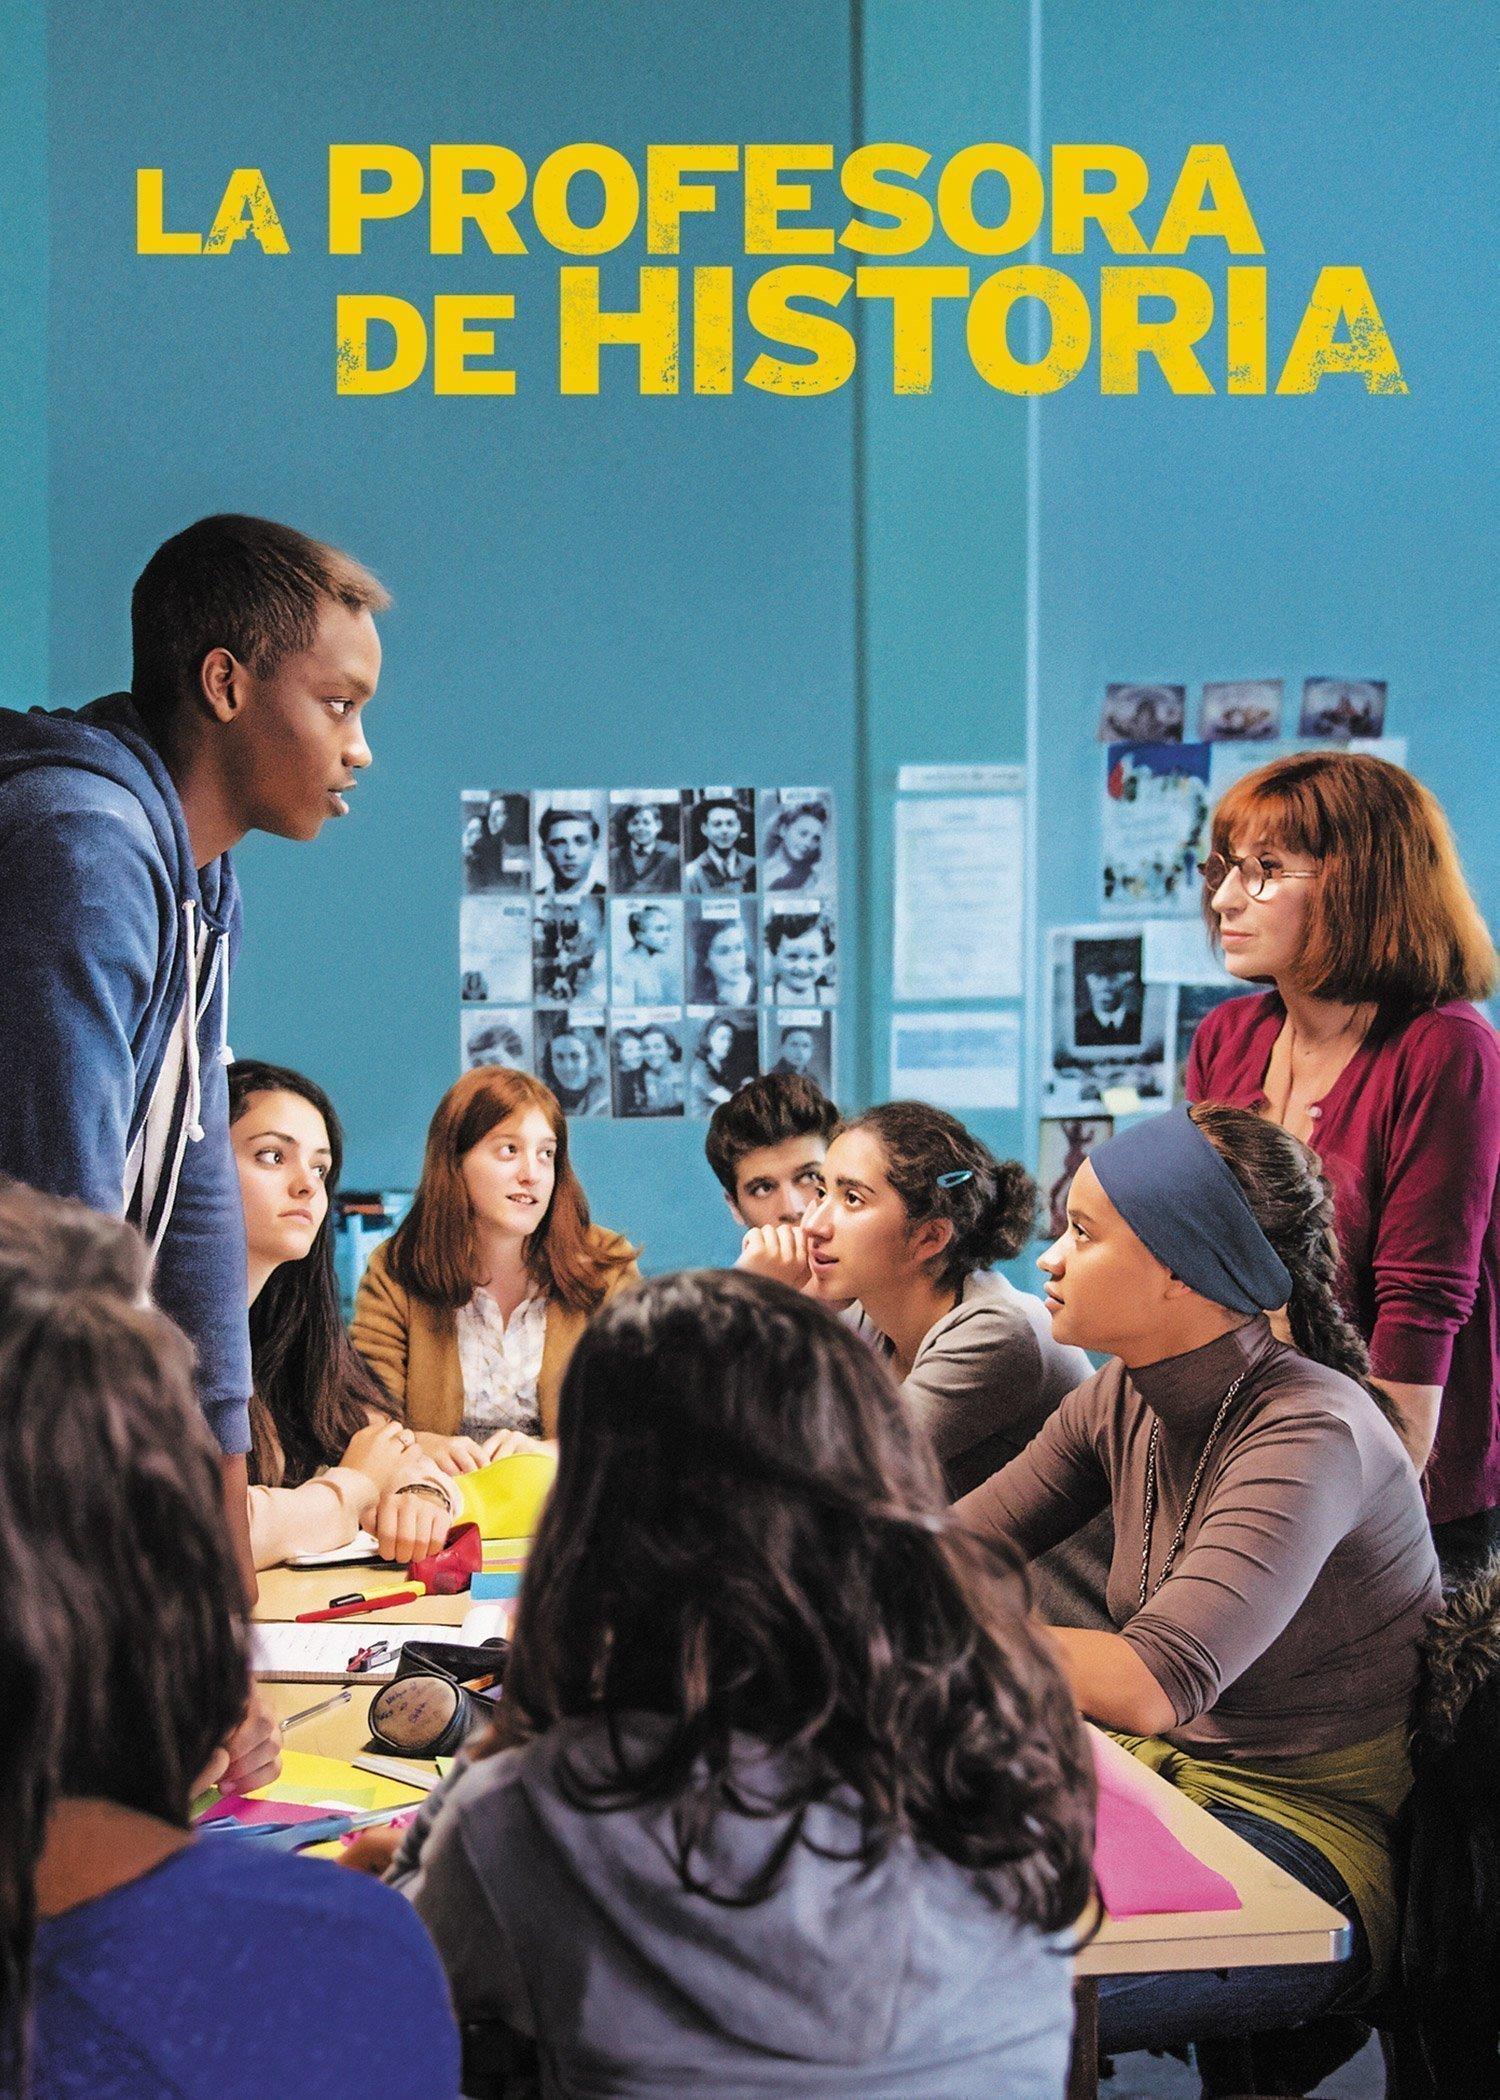 La profesora de historia